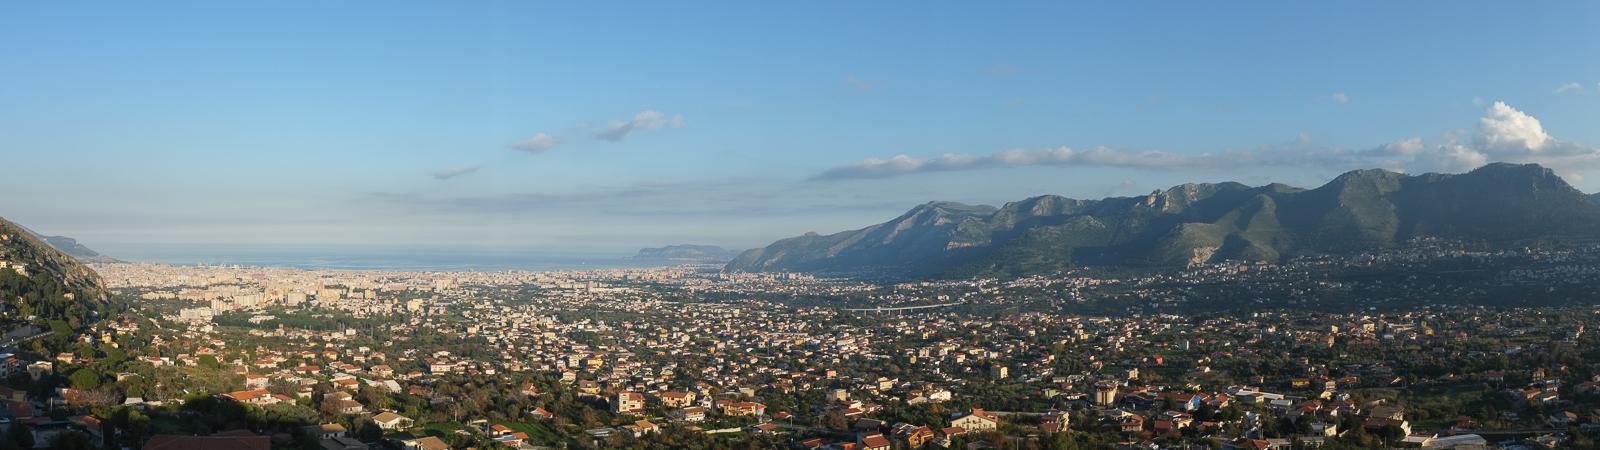 Conca d'Oro (Palermo)